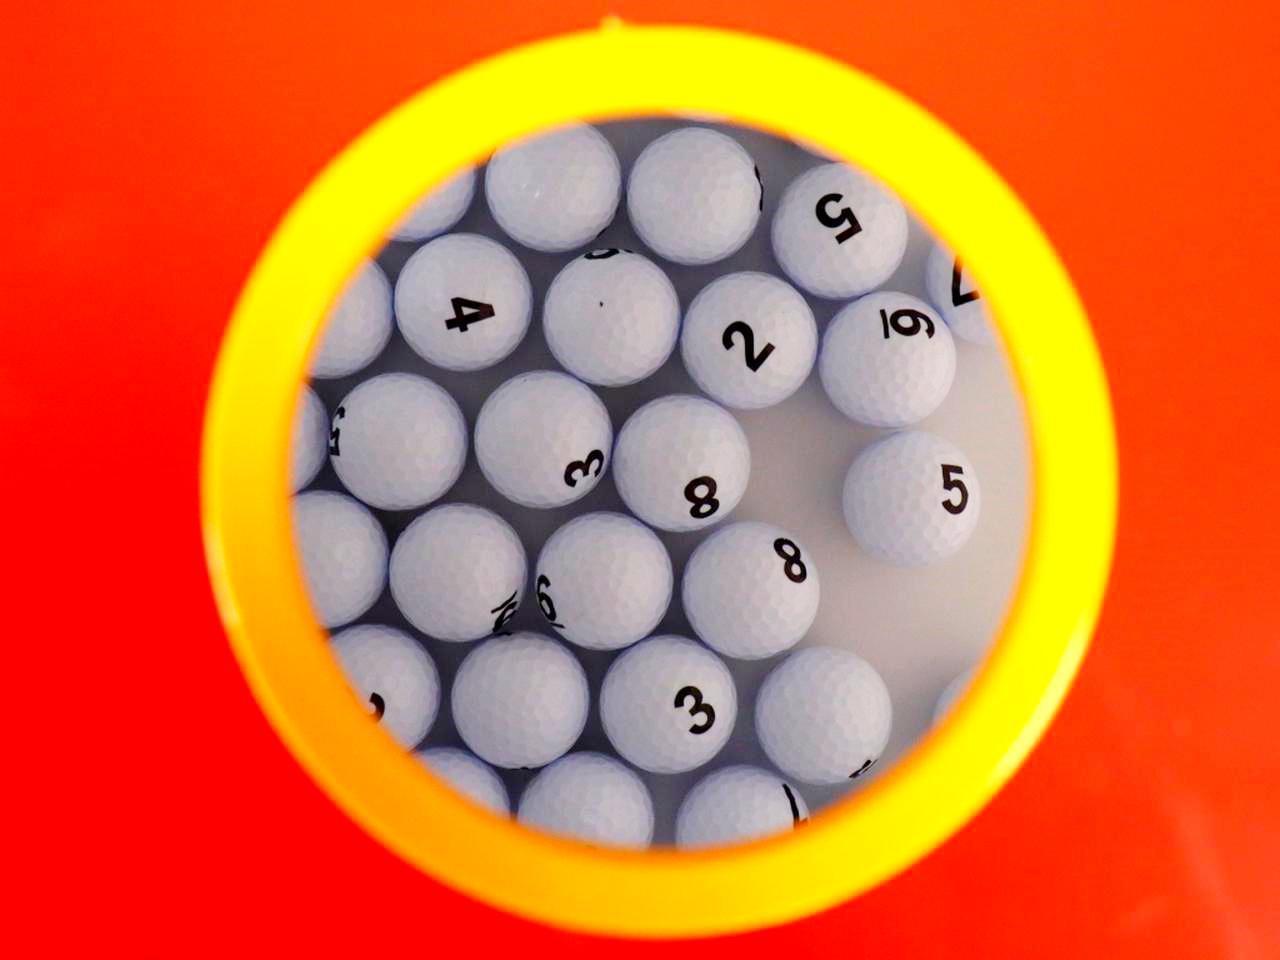 画像2: スコアビンゴ抽選BOX。1~9までのスコアが入ったボールが入っている。4、5、6の番号ボールが多く、最小は当然1